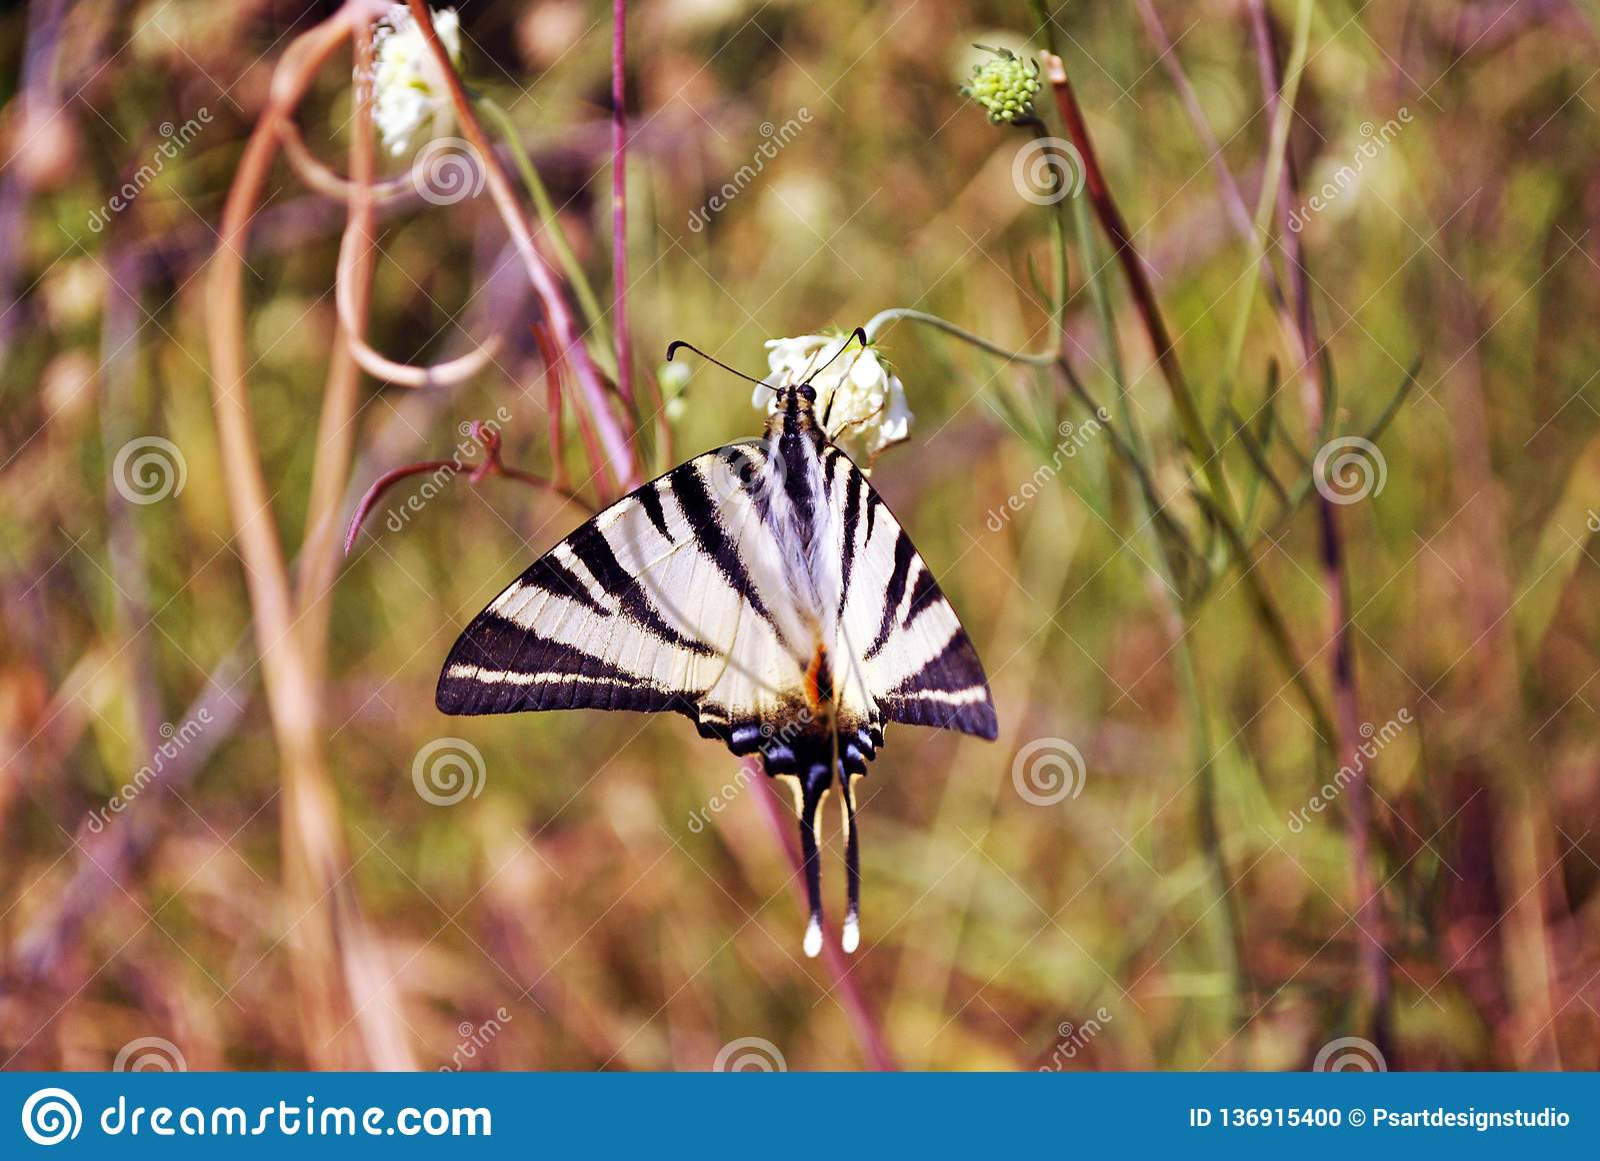 Rzadki swallowtail Iphiclides podalirius obsiadanie na białym kwiacie, żółta trawa